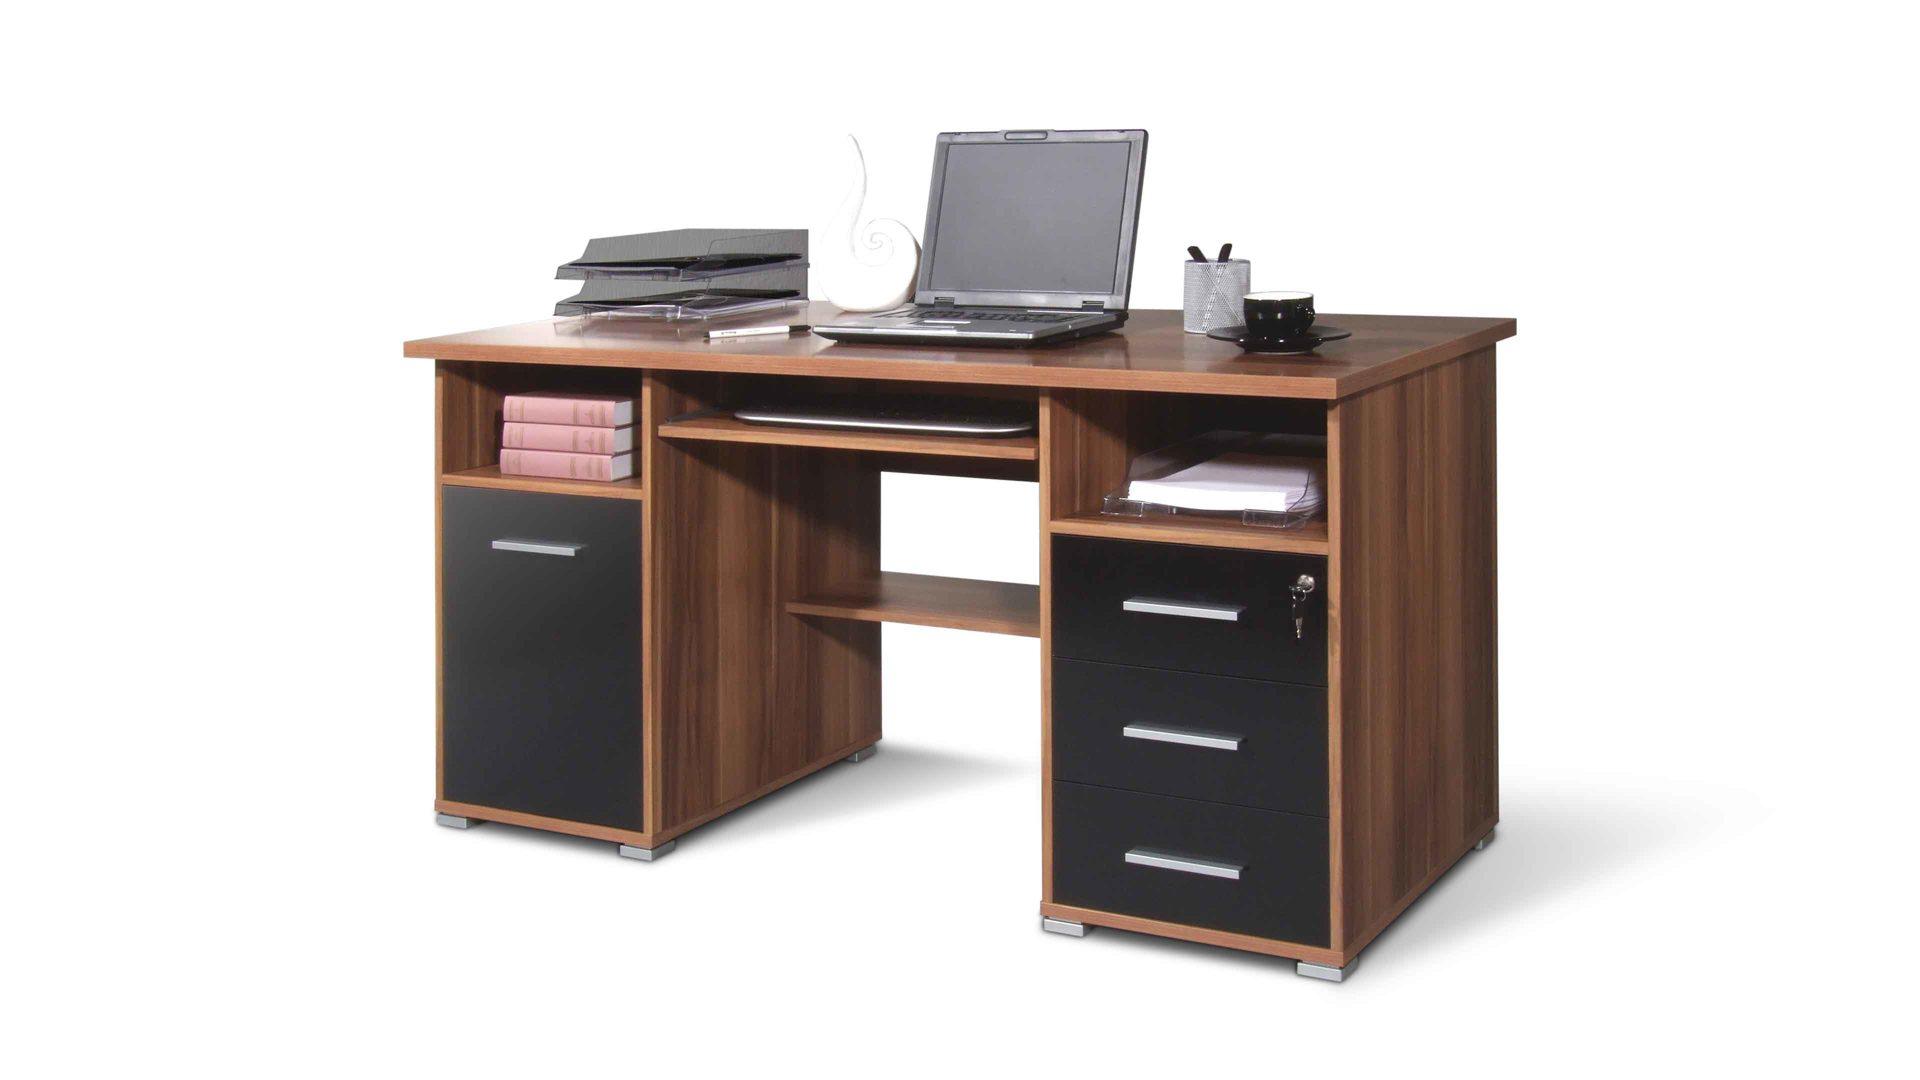 Hervorragend Schreibtisch Germania Aus Holz In Holzfarben Schreibtisch Bzw. Computertisch  Für Moderne Büros Walnussfarbene U0026 Schwarze